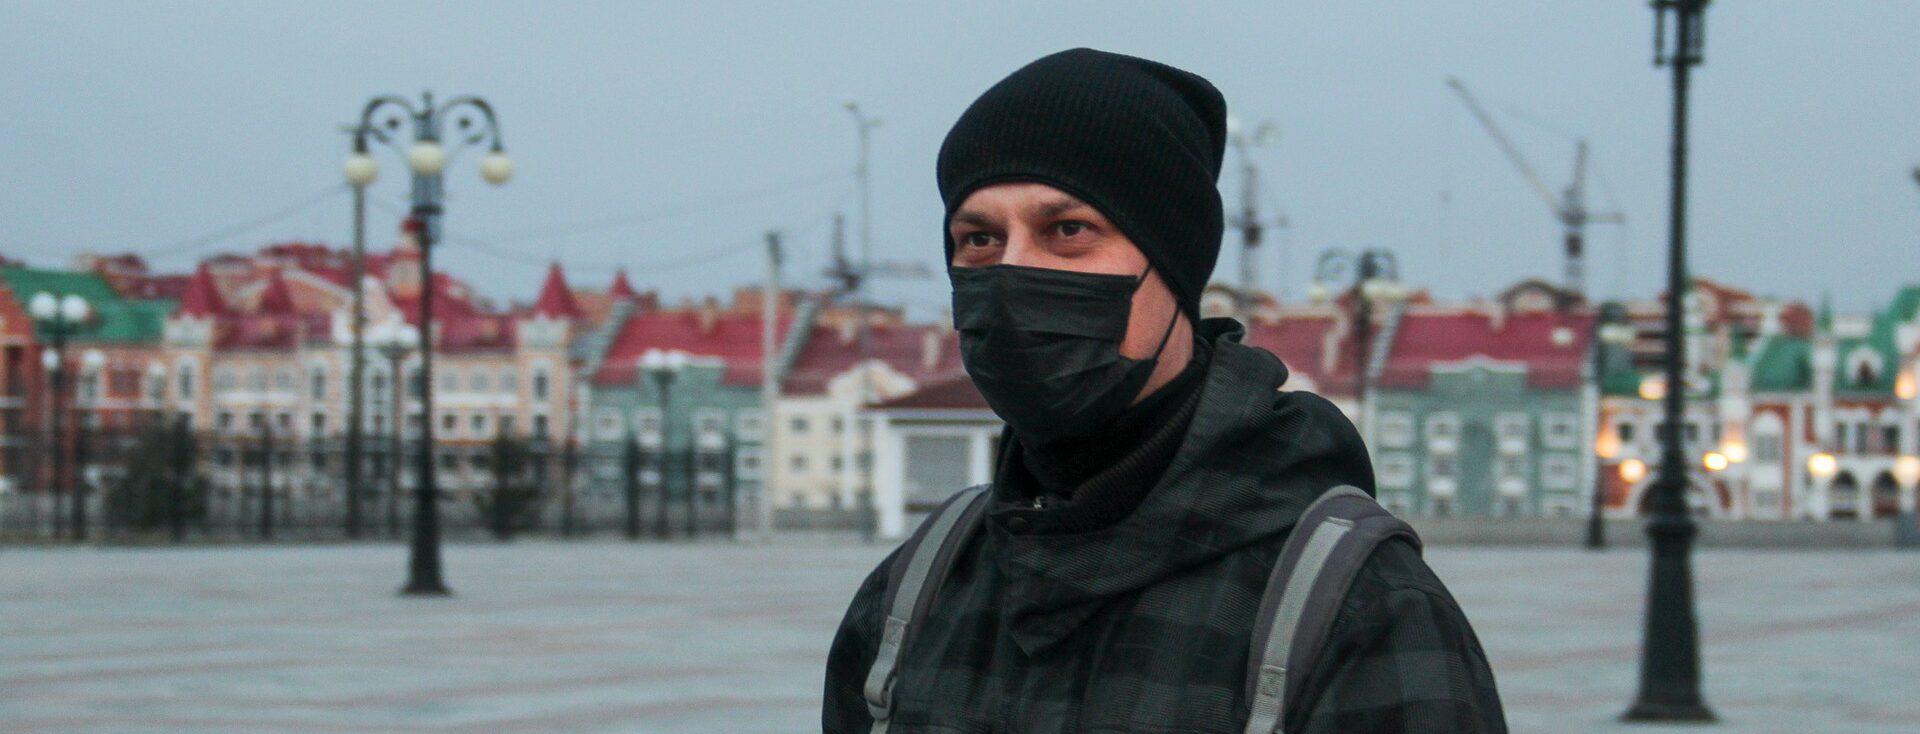 Mężczyzna w czapce i masce na placu